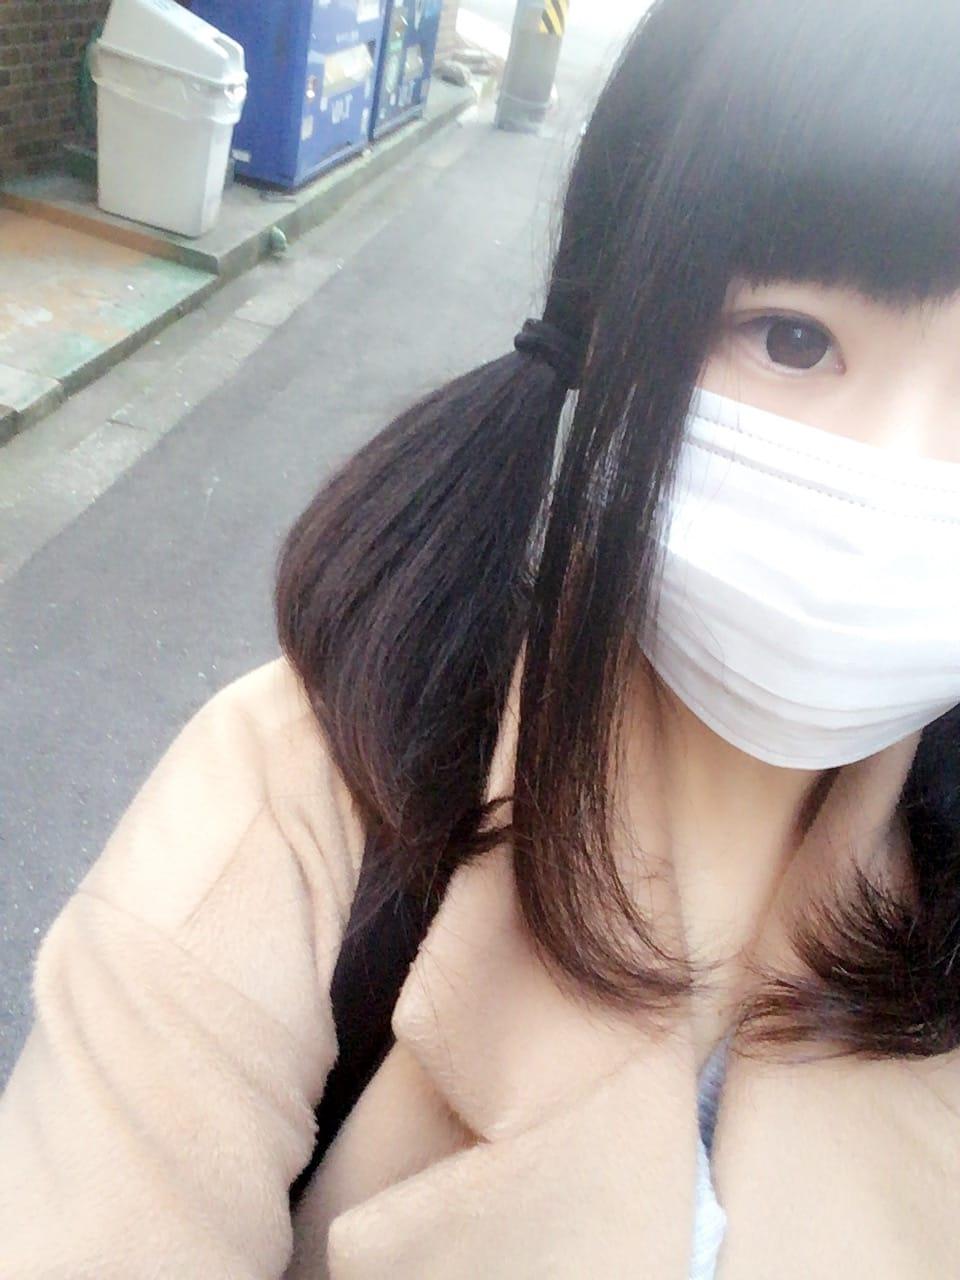 「おはもに!」04/01(04/01) 10:32 | さくらこの写メ・風俗動画